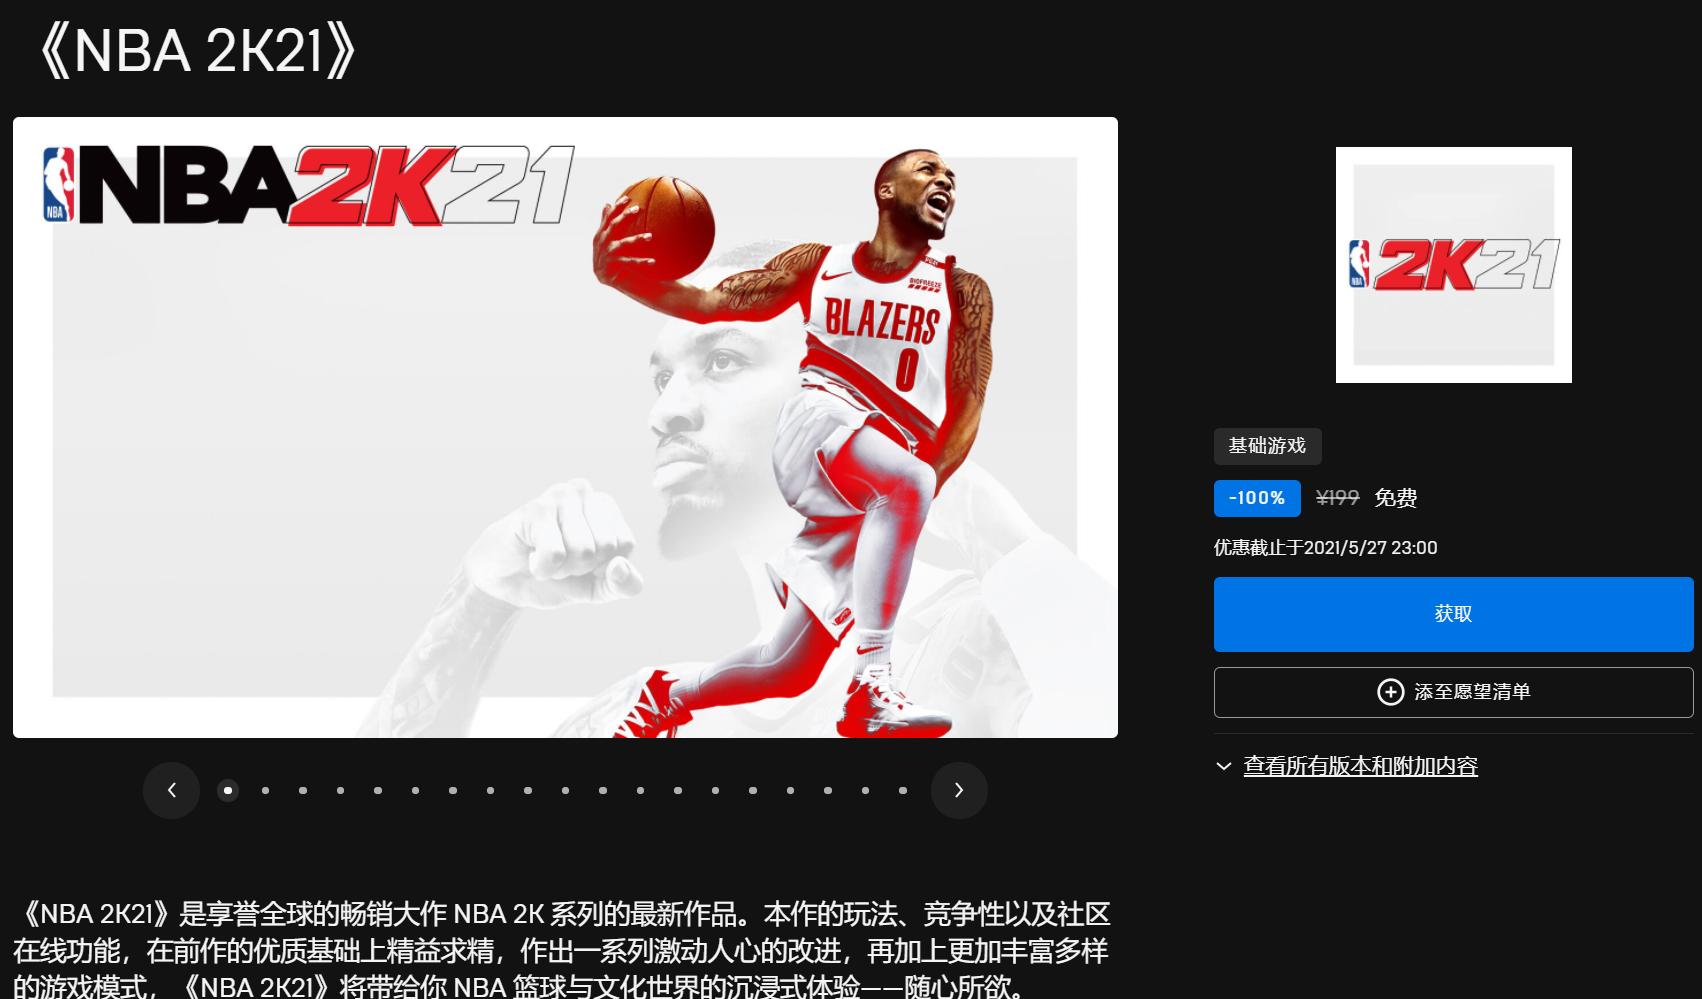 限时免费 Epic送《NBA 2K21》